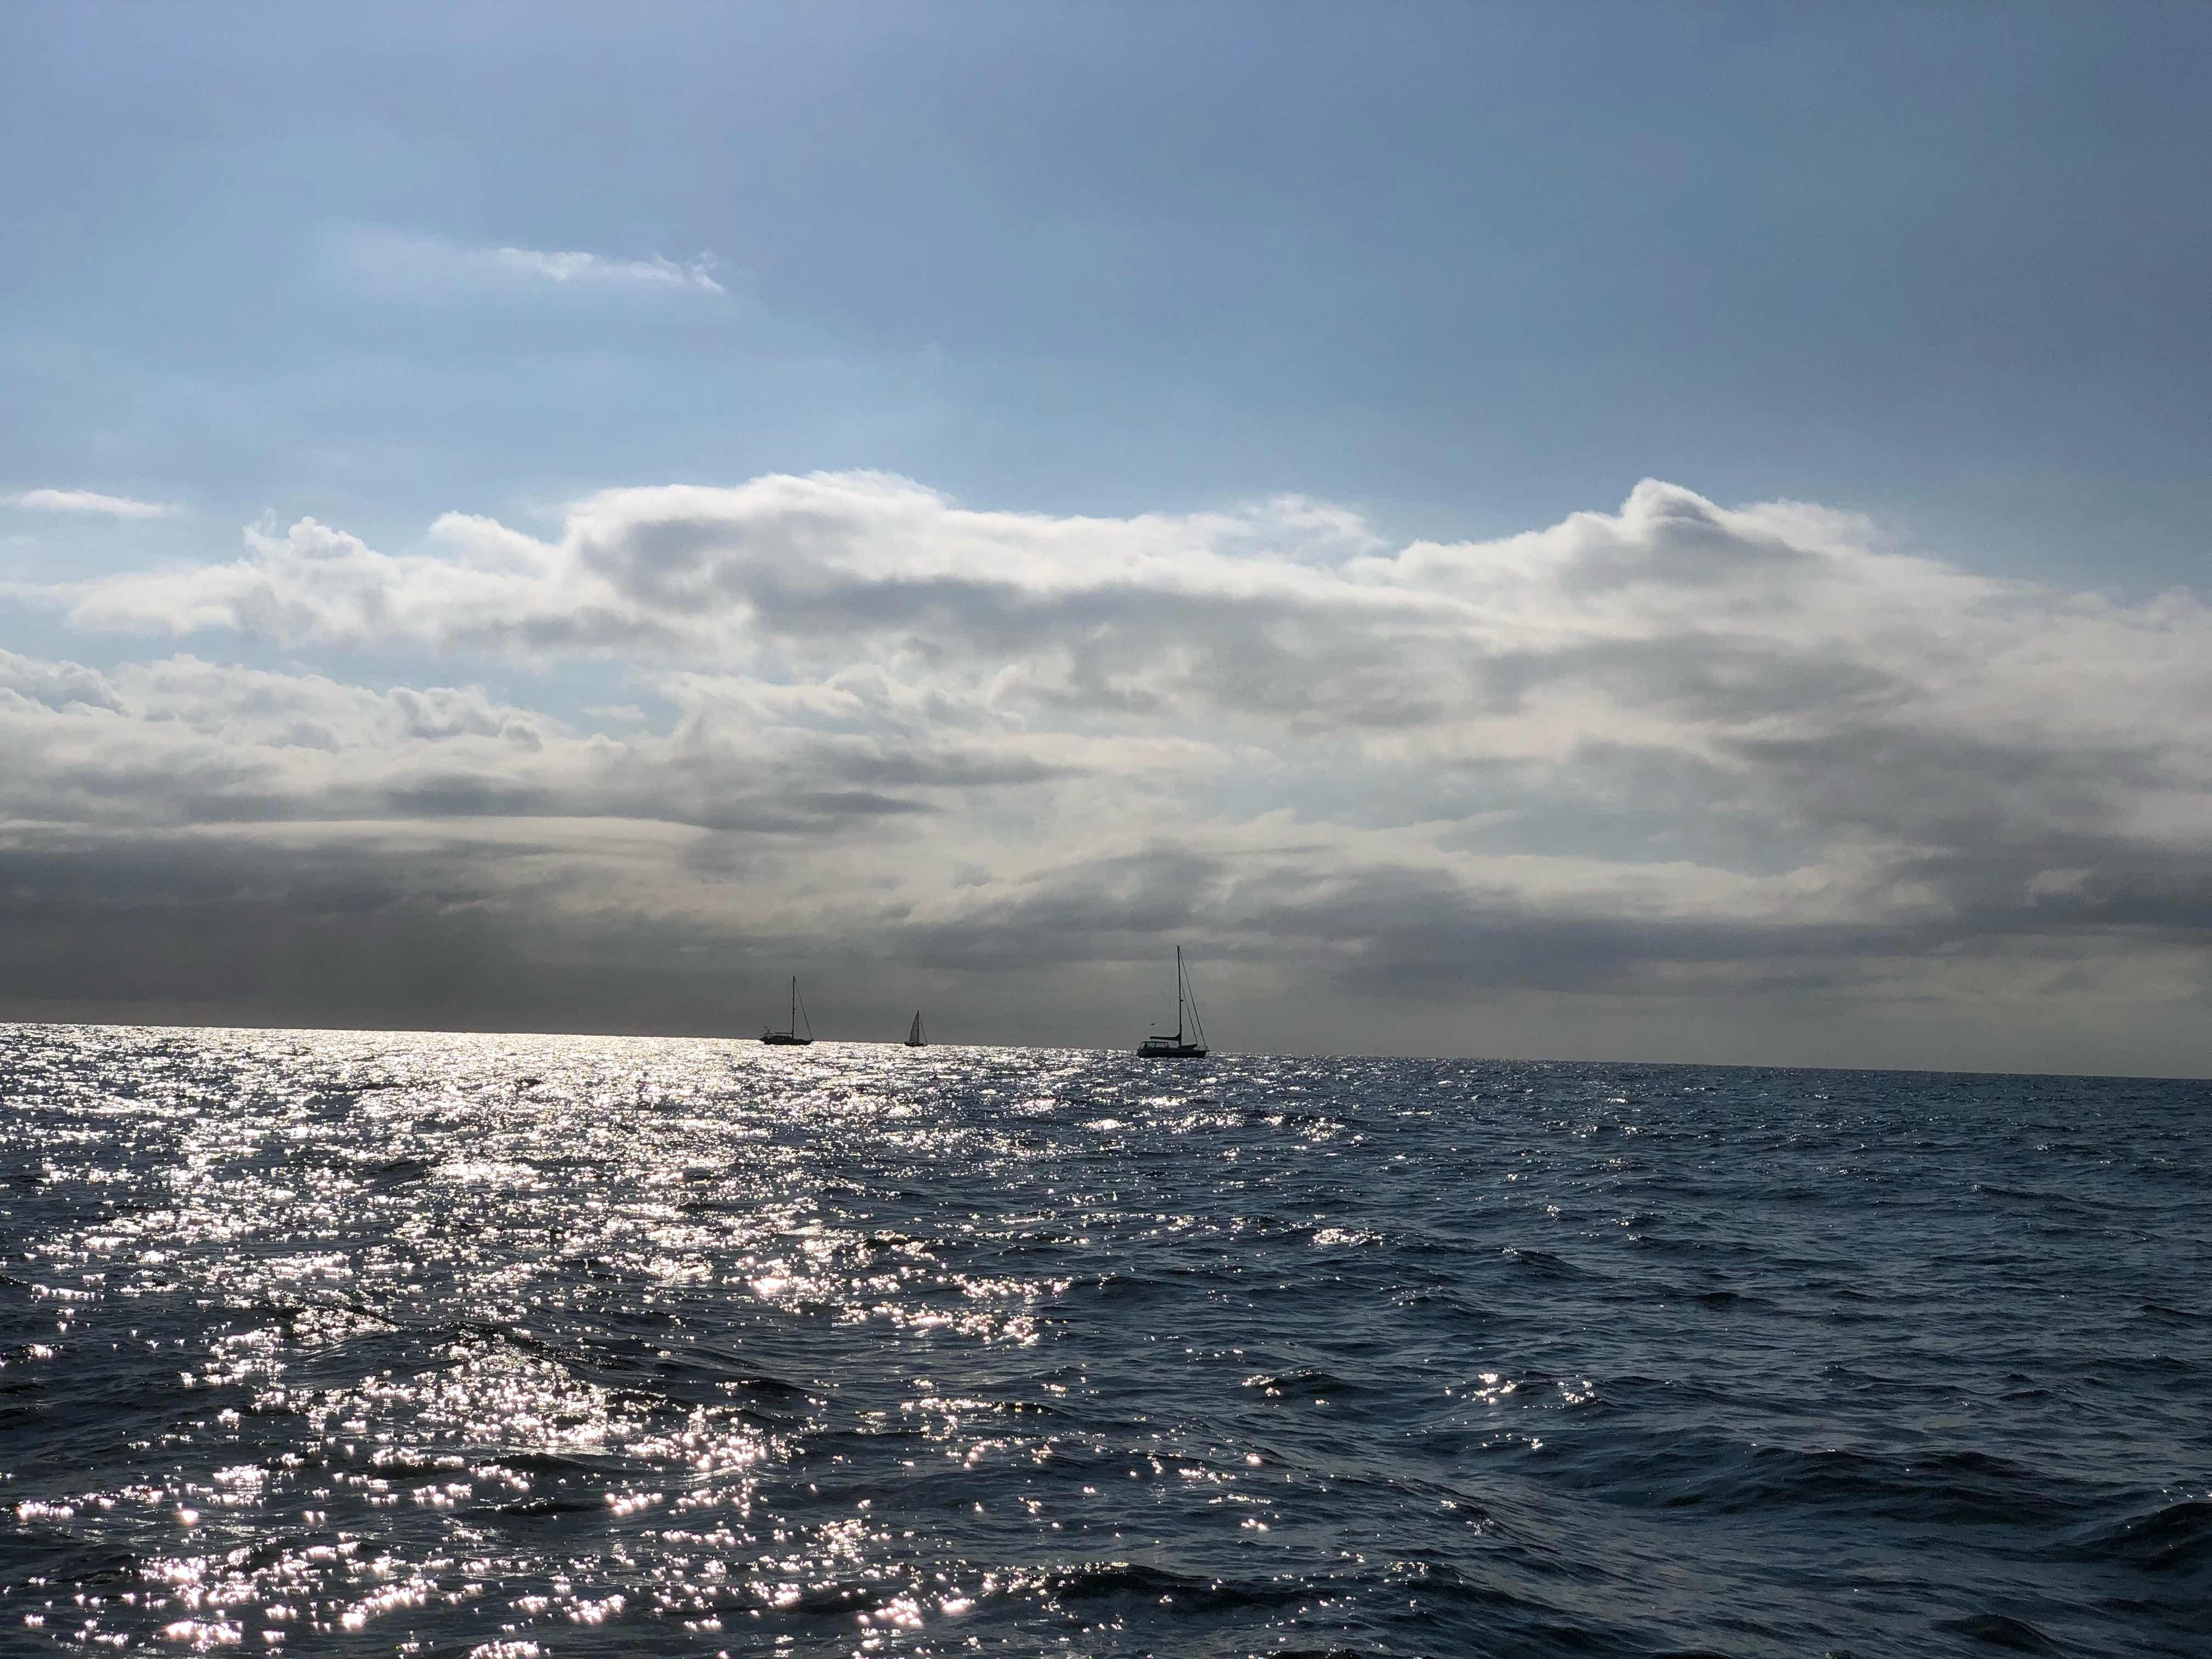 Difficile remontée : de la baie de moreton à fraser island